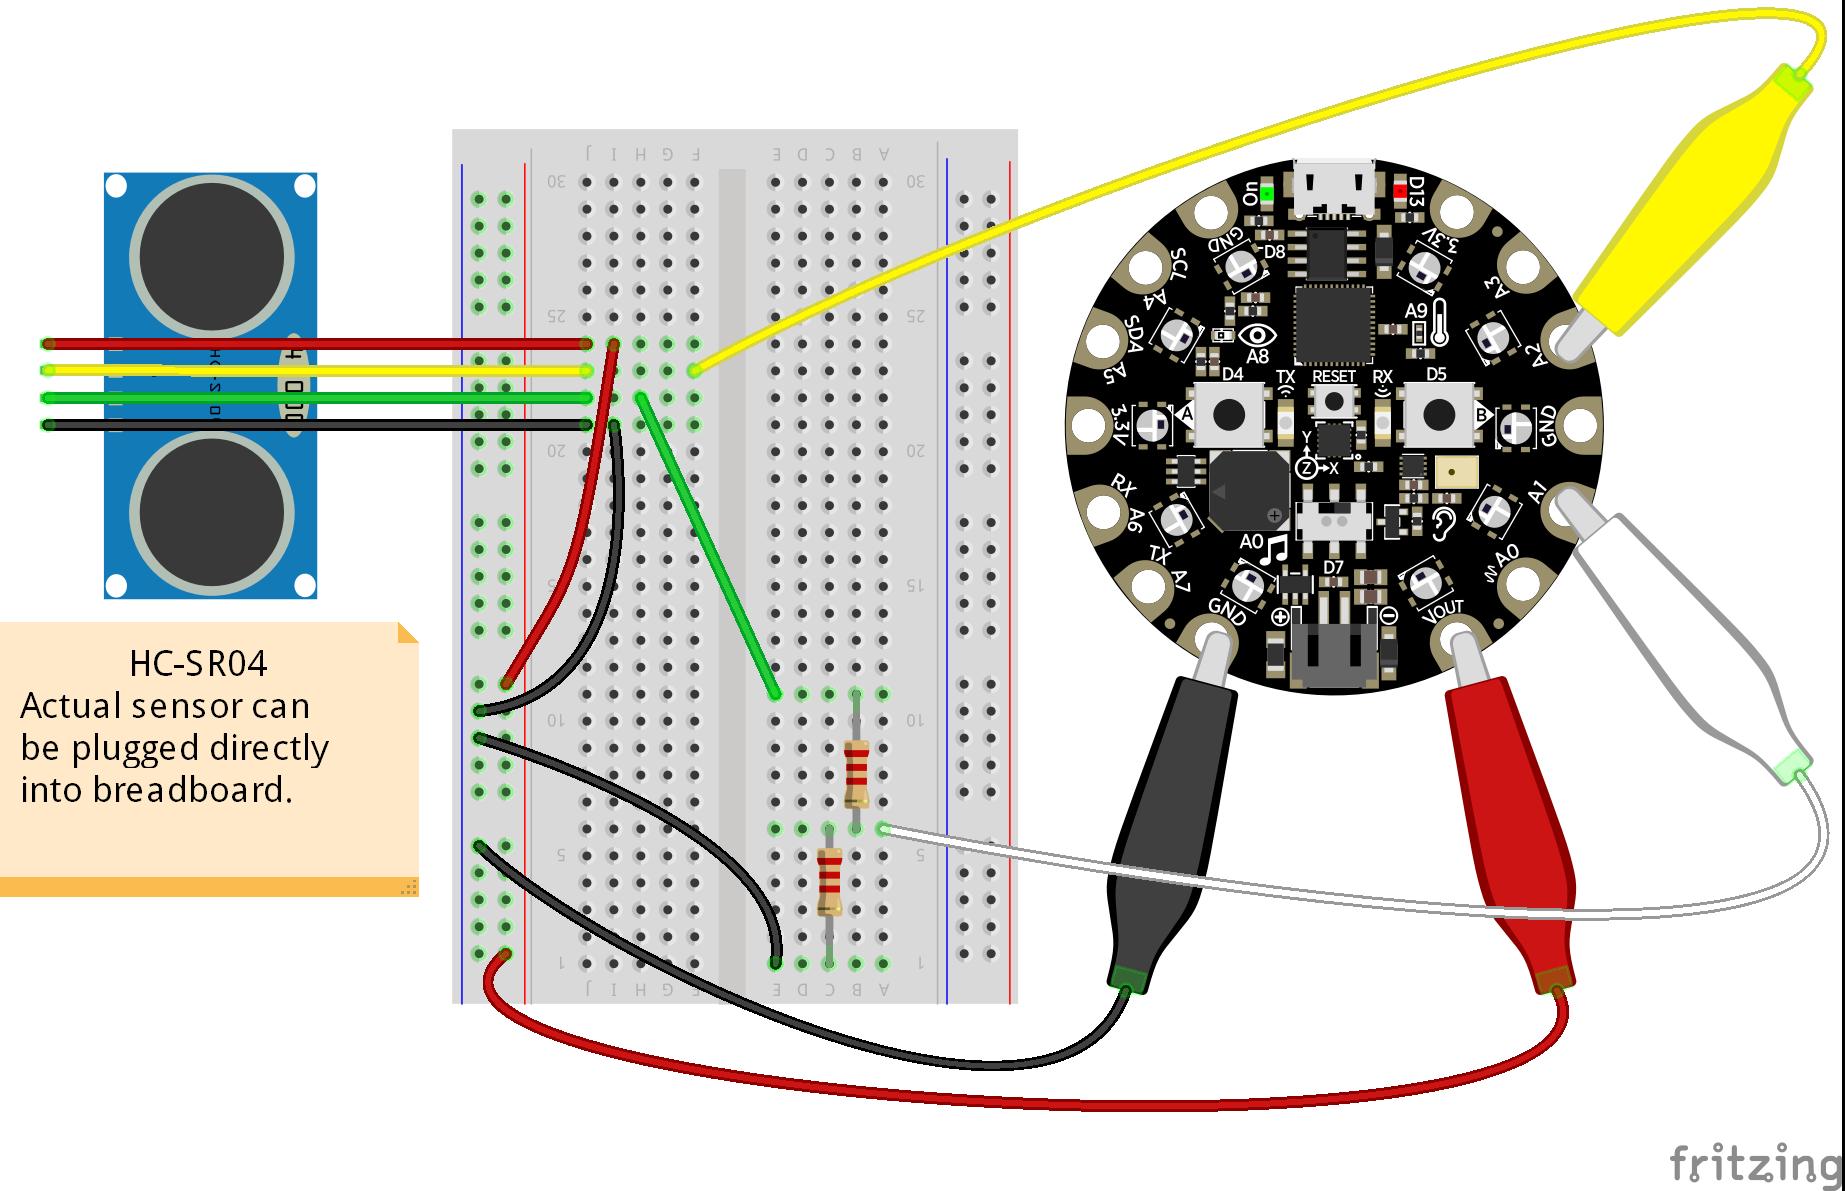 sensors_cpx-hcsr04-breadboard-crocclipse_bb-nocursor.png